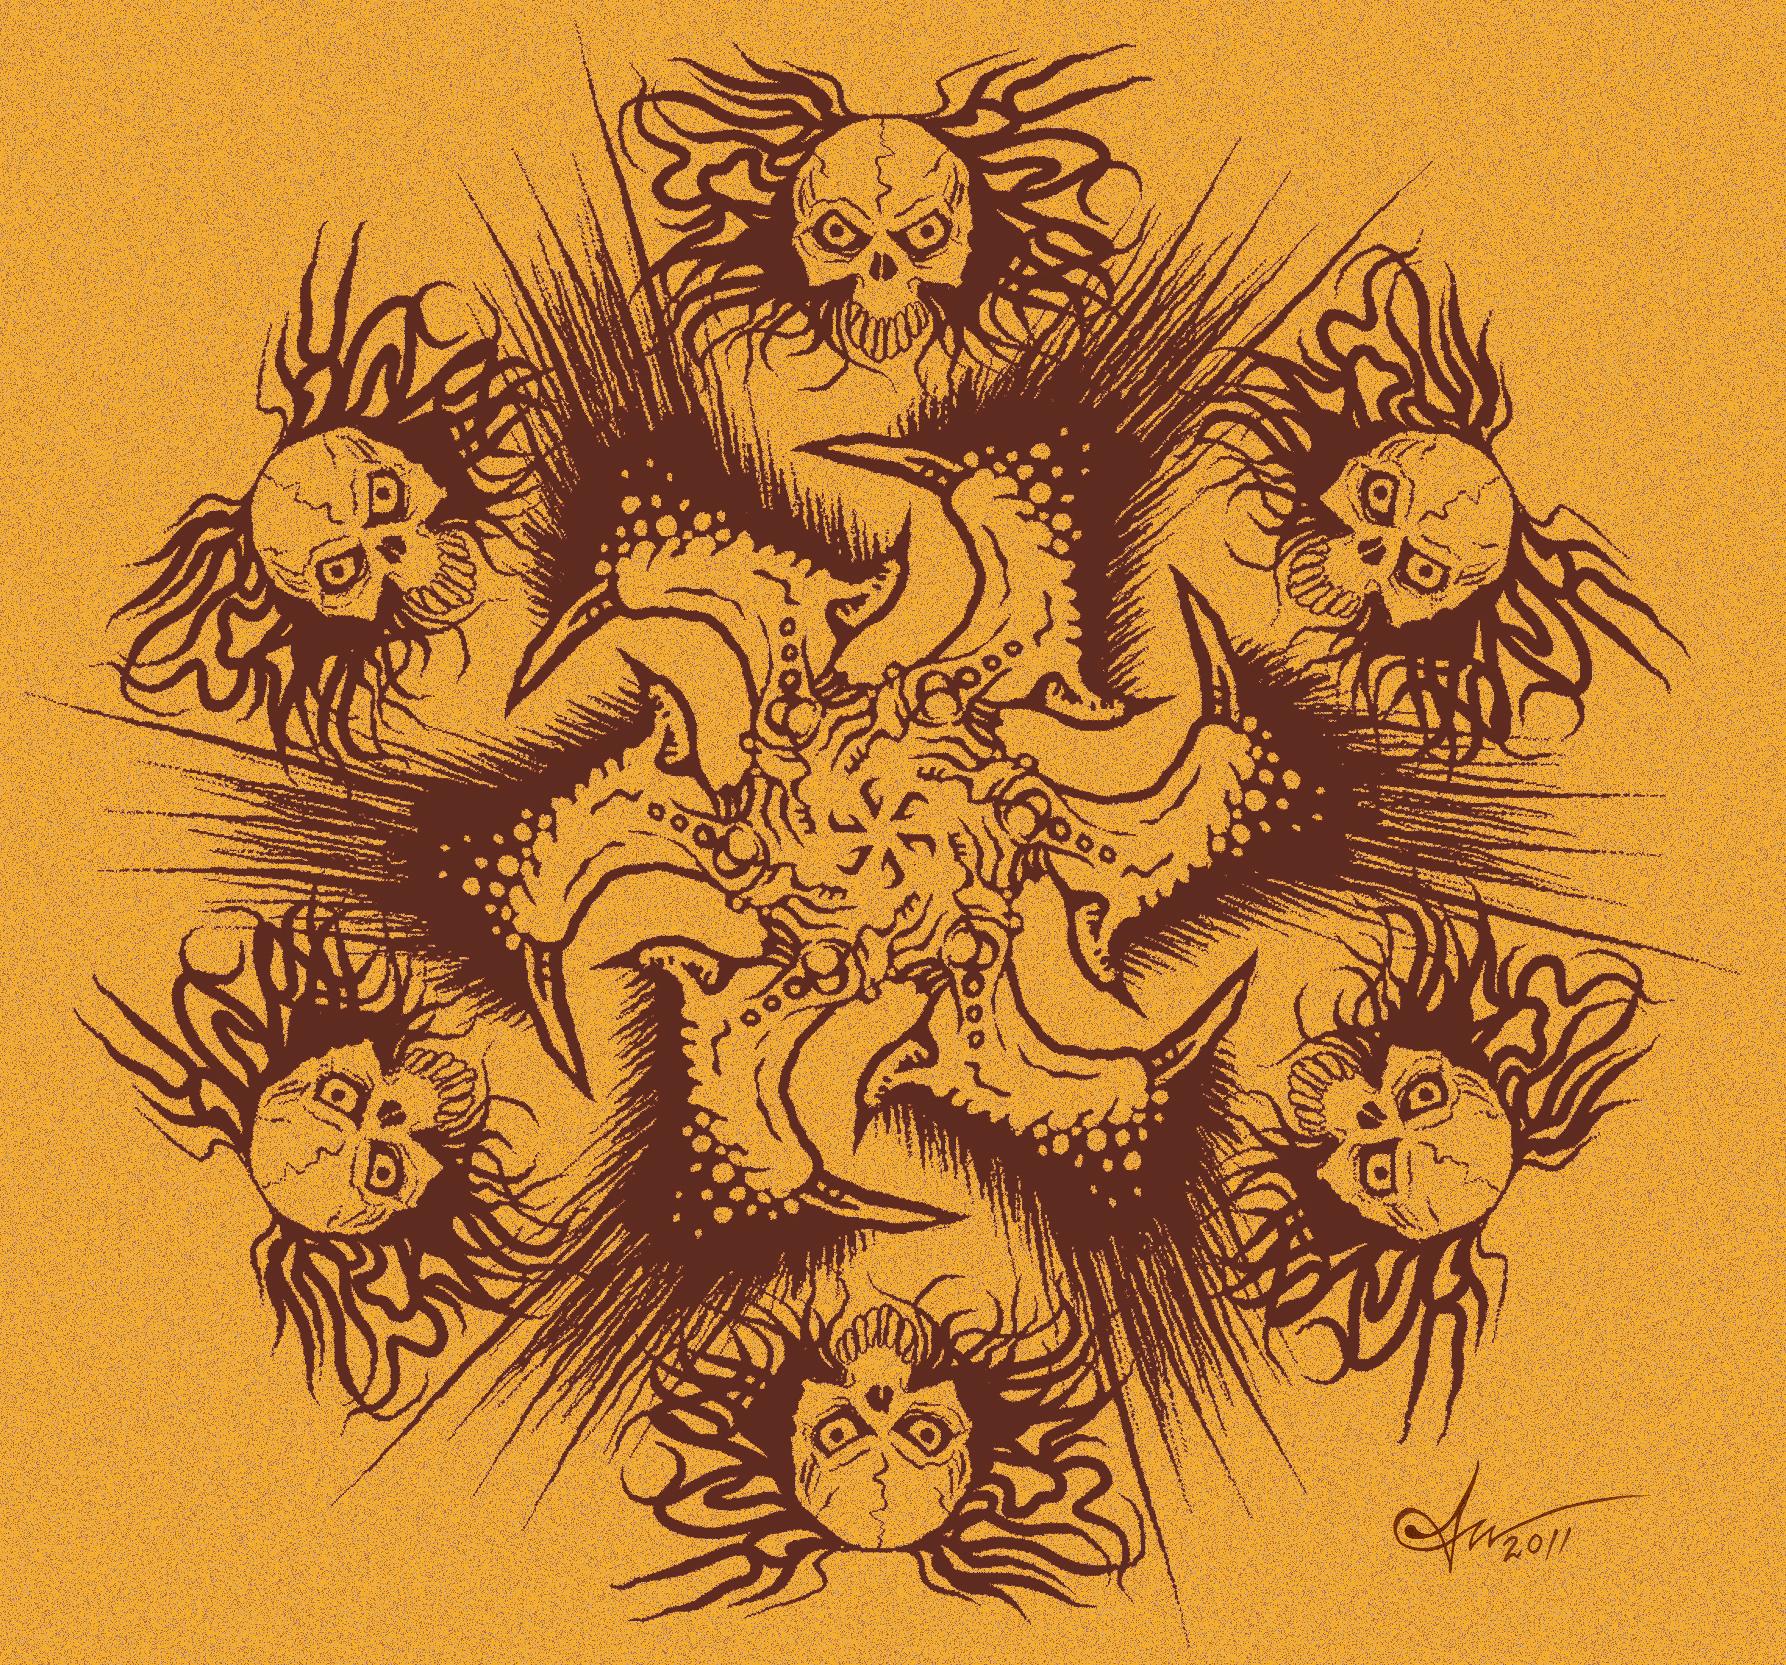 hallucination: wheel of death